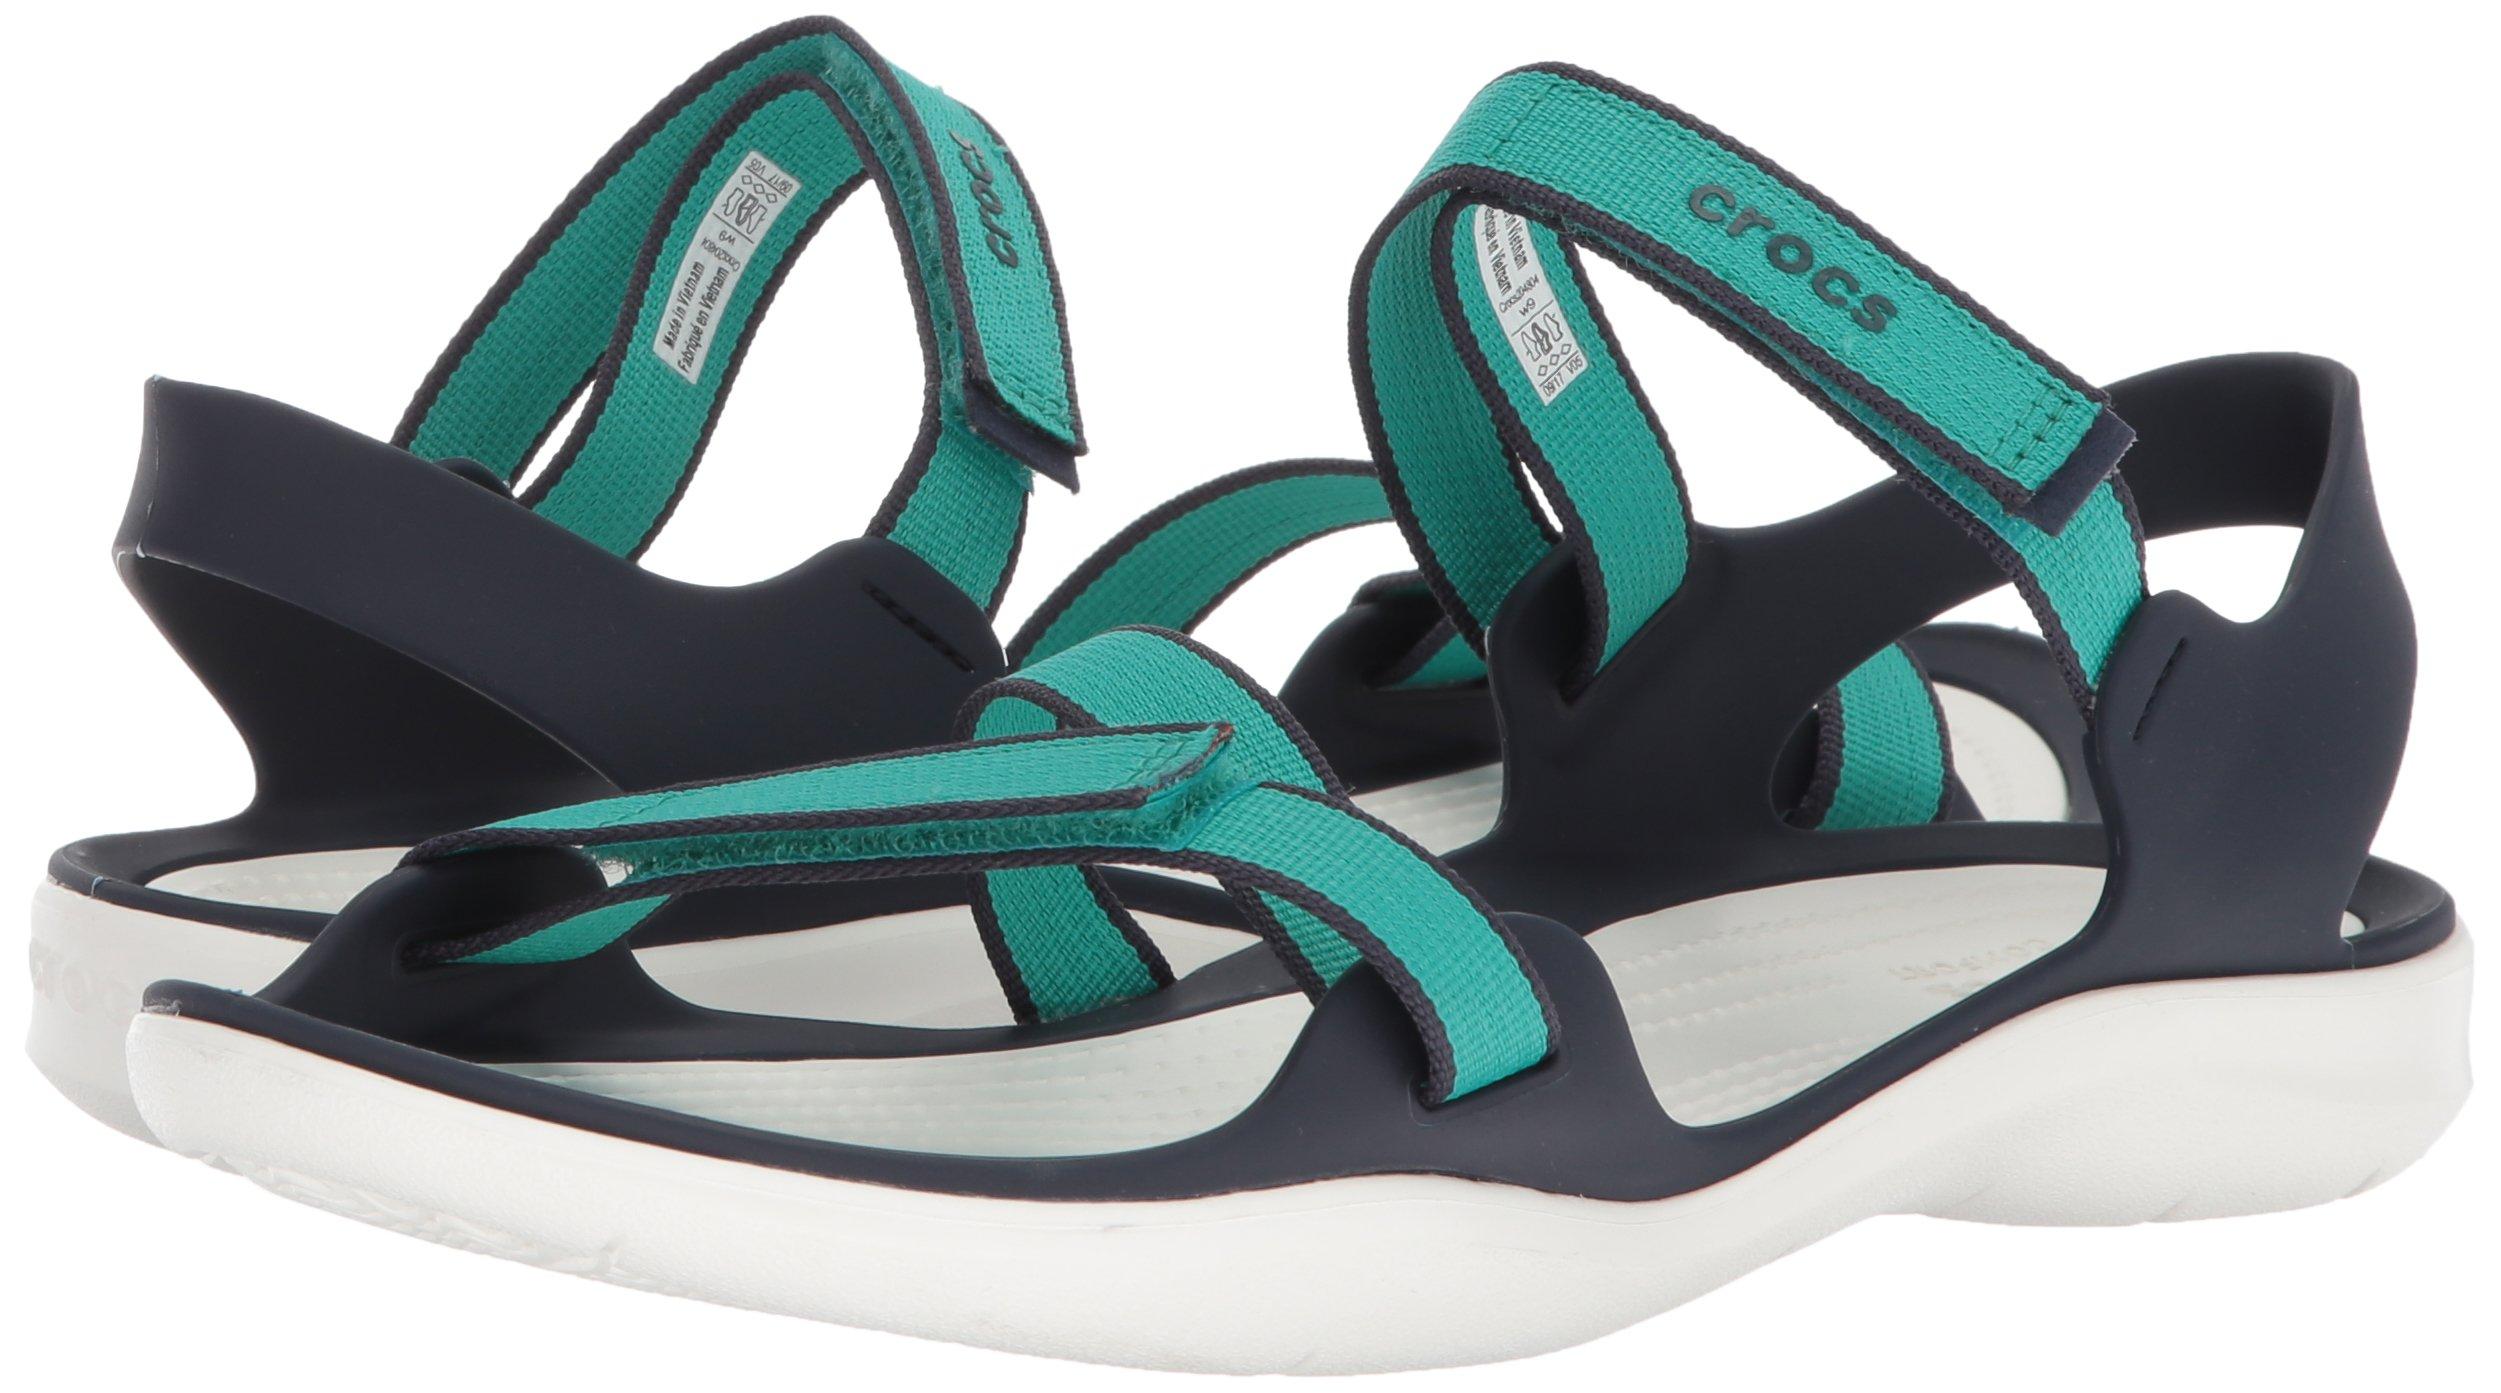 44404874b812 Crocs Women s Swiftwater Webbing Sandal W Sport